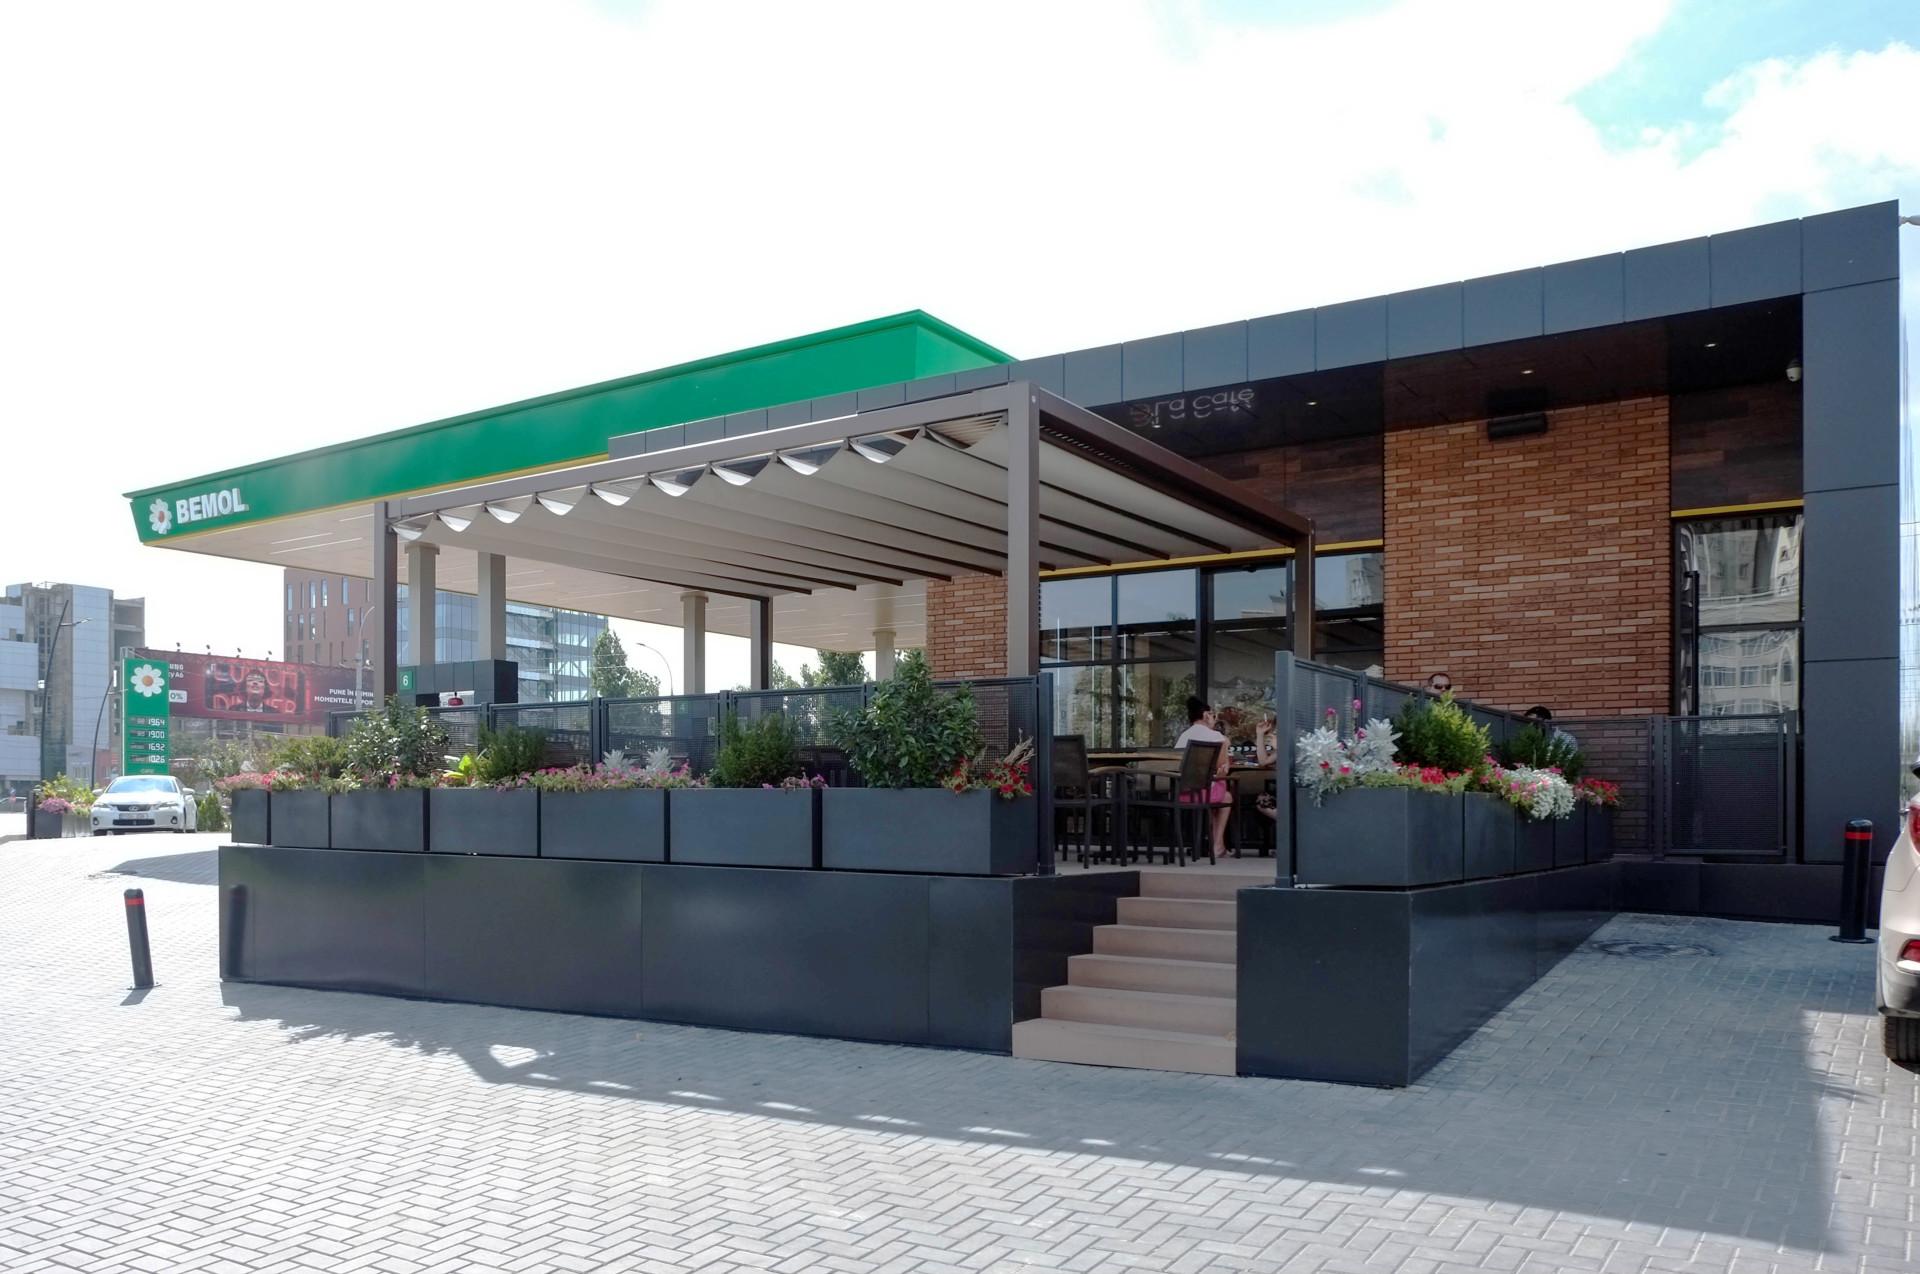 Wisp-Bemol-gas-station-Terrace-view